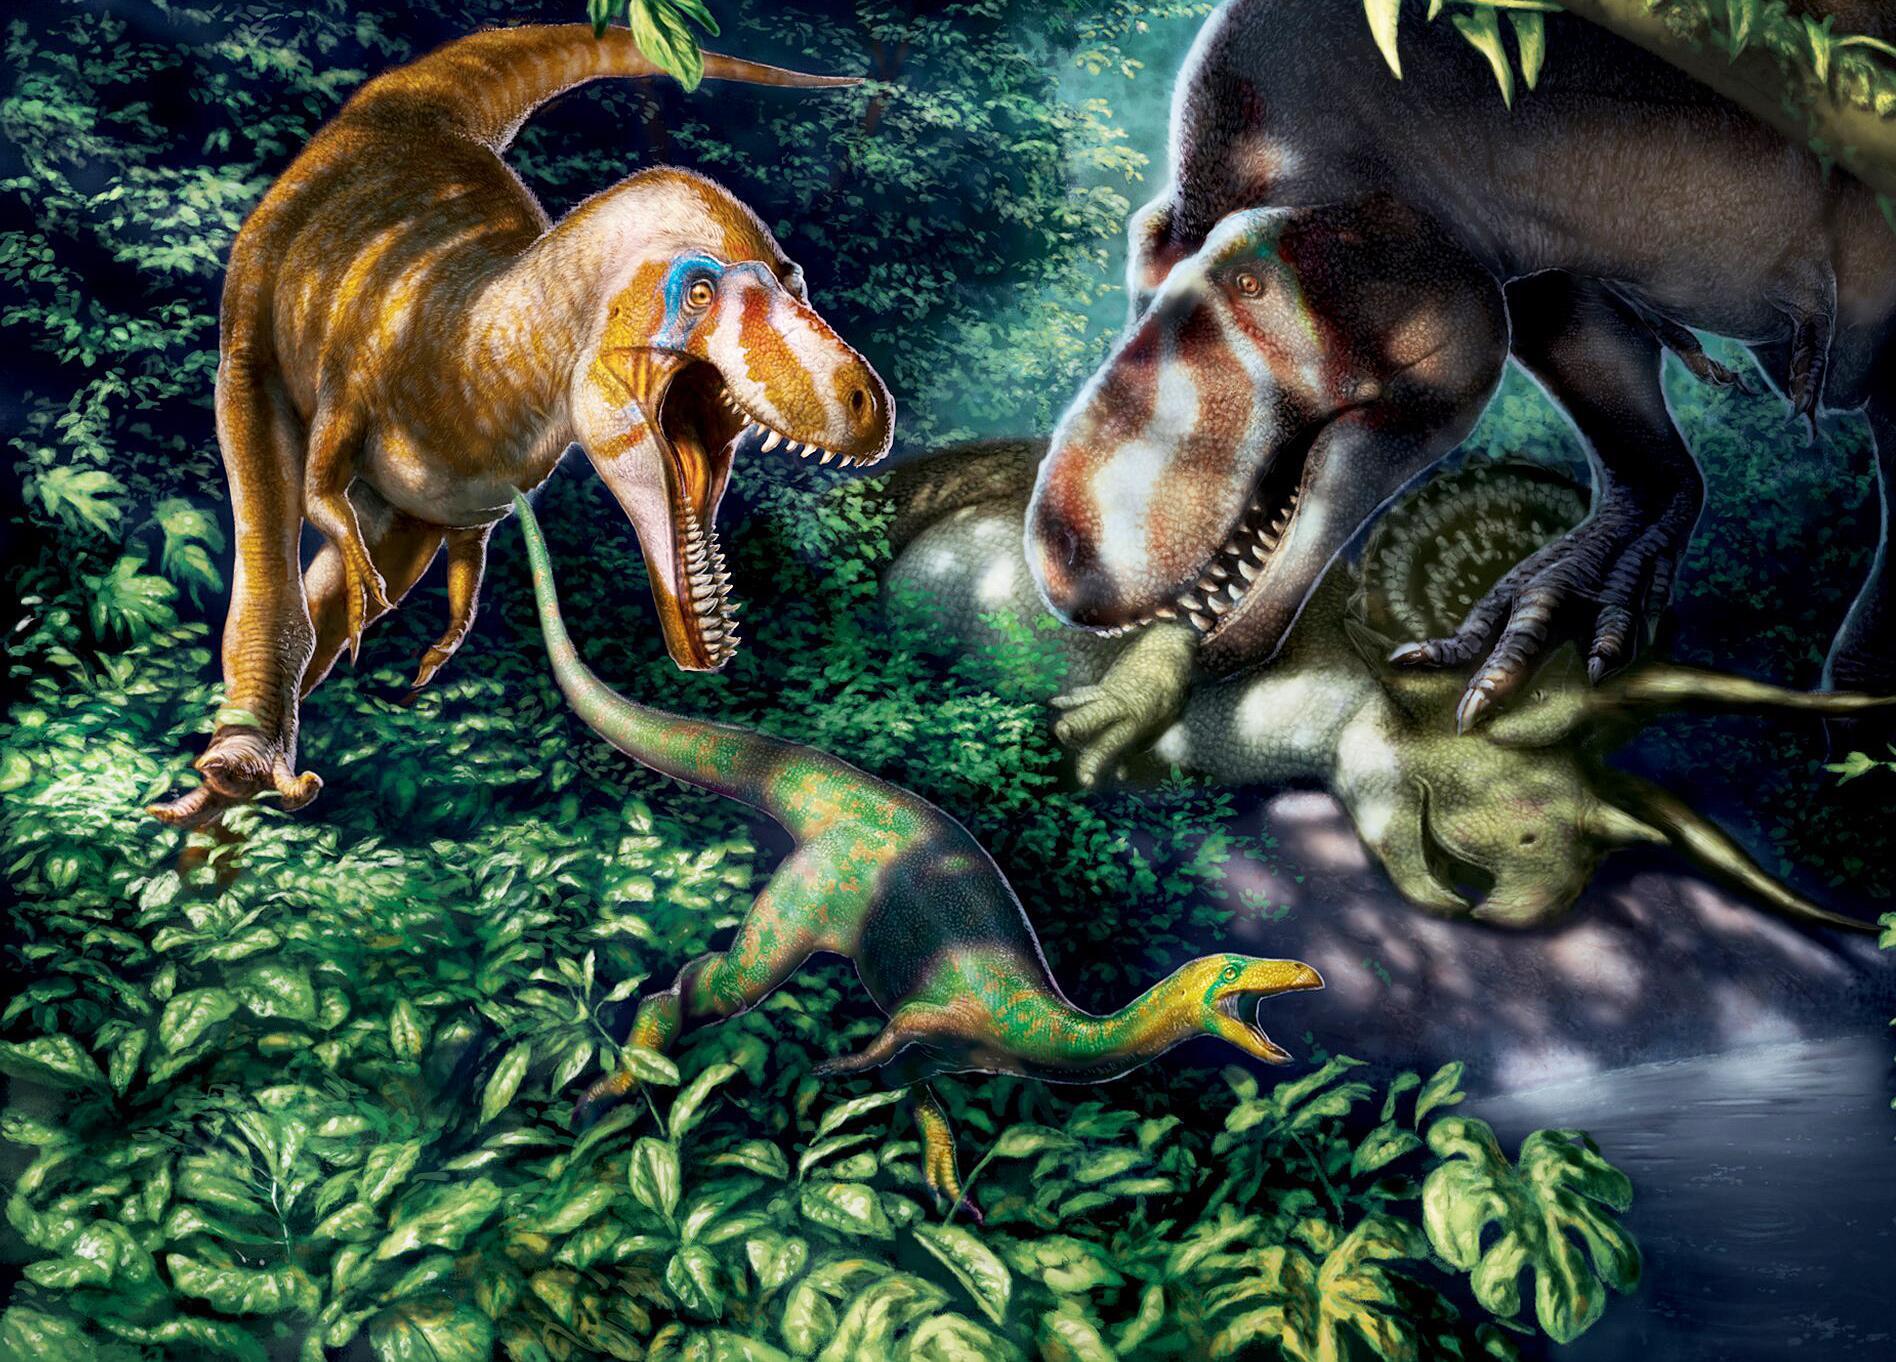 Bild zu Illustration: Junge Tyrannosaurus rex